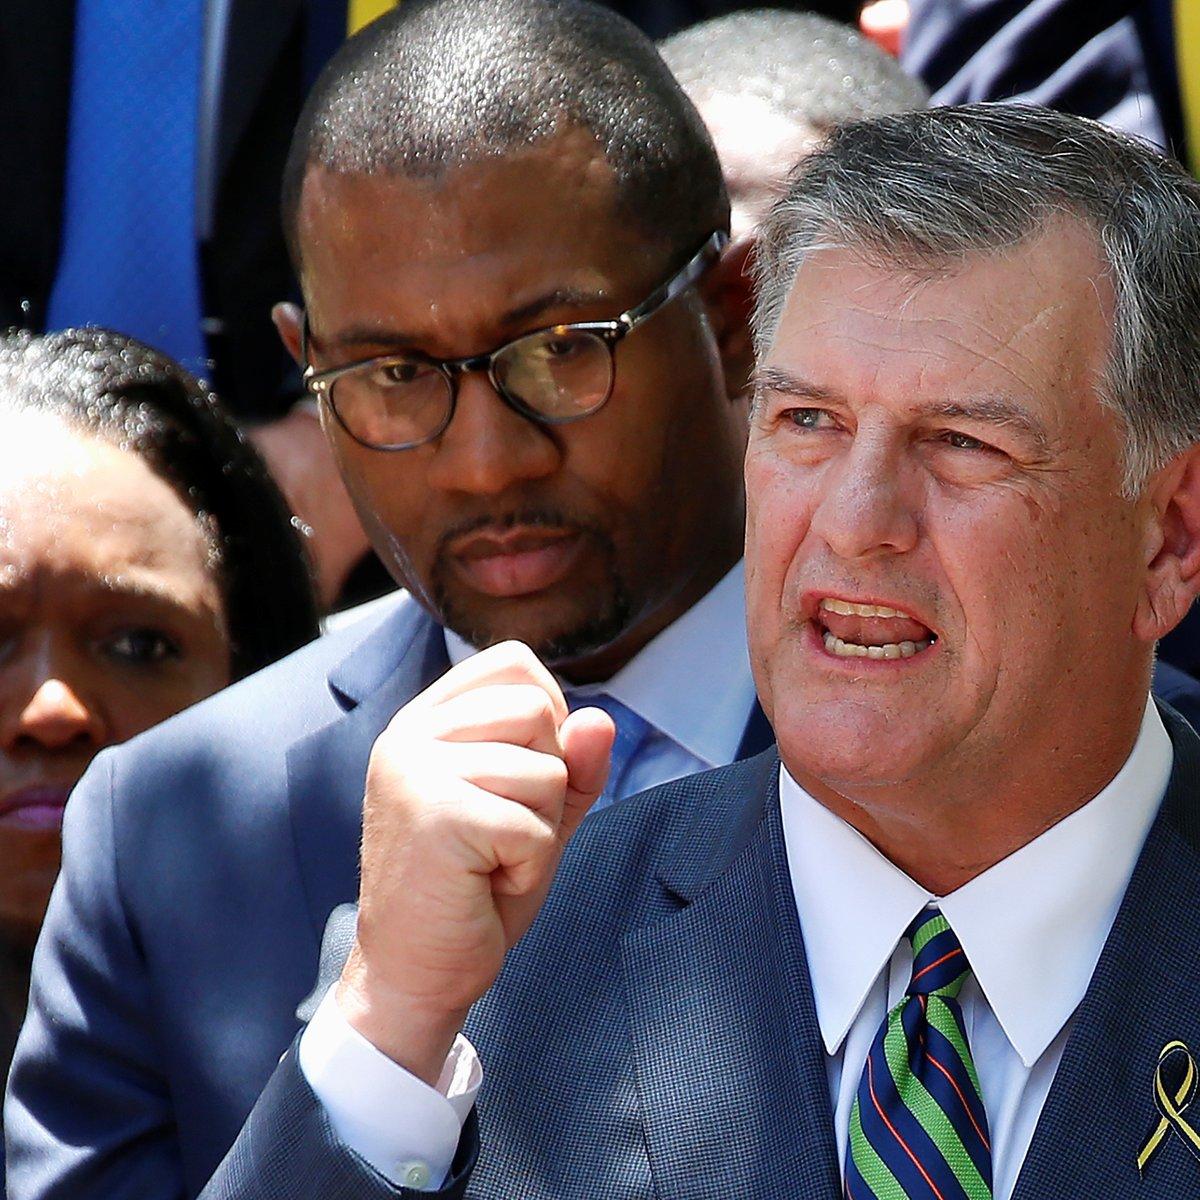 Resultado de imagem para Mike Rawlands prefeito de Dallas Texas